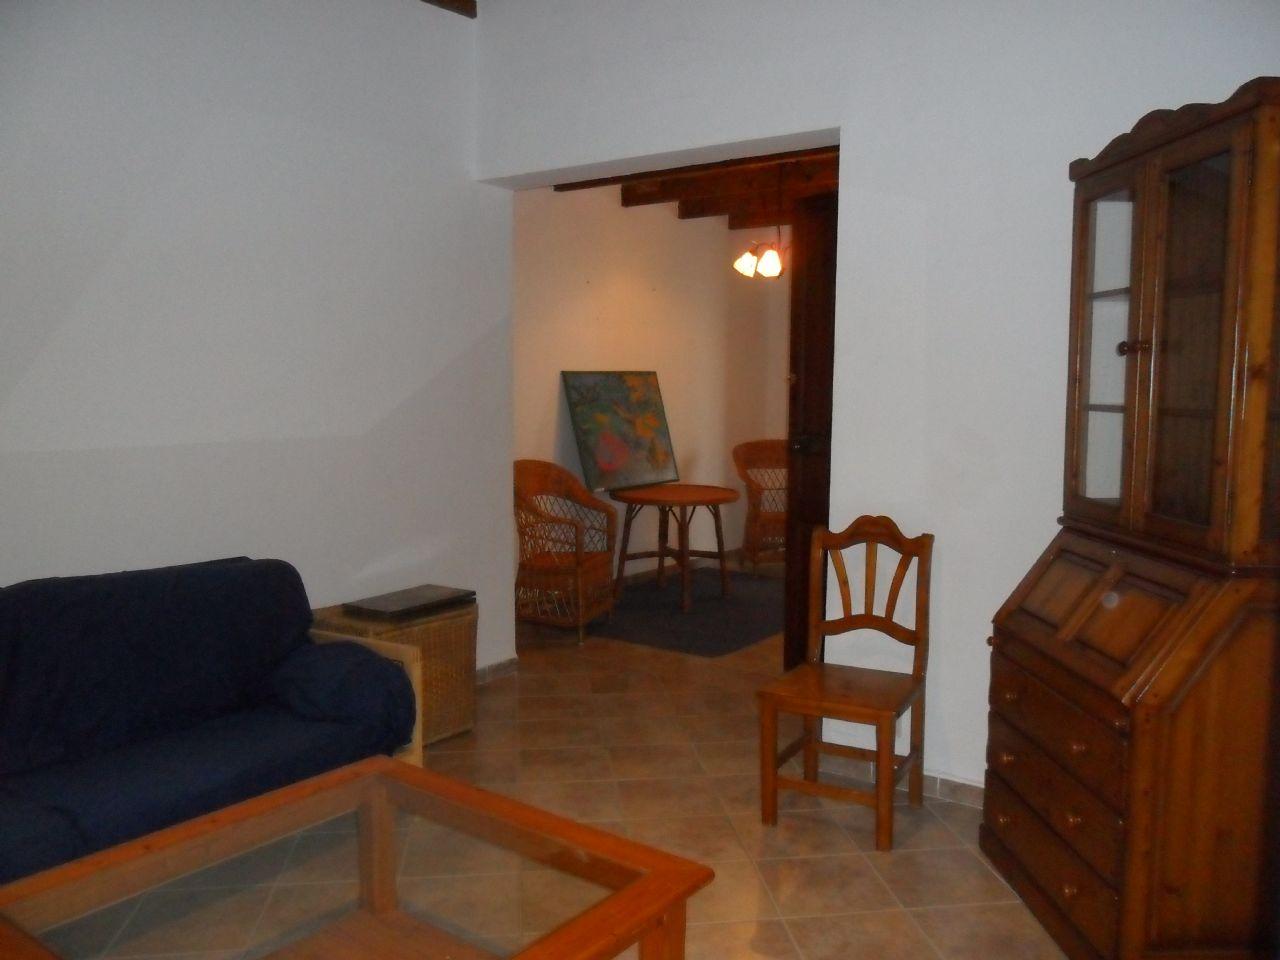 Alquiler Piso en Algaida. Primer piso en alquiler en centro de algaida